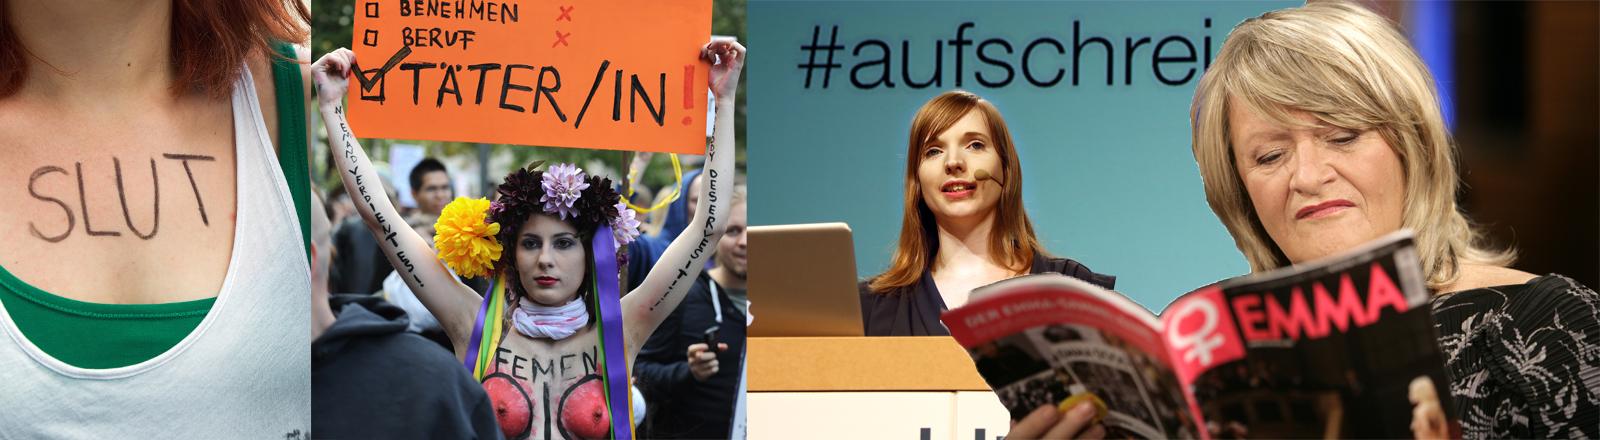 Collage aus Fotos von Alice Schwarzer, Anne Wizorek, einer Femen-Aktivistin und einer Teilnehmerin am Slutwalk